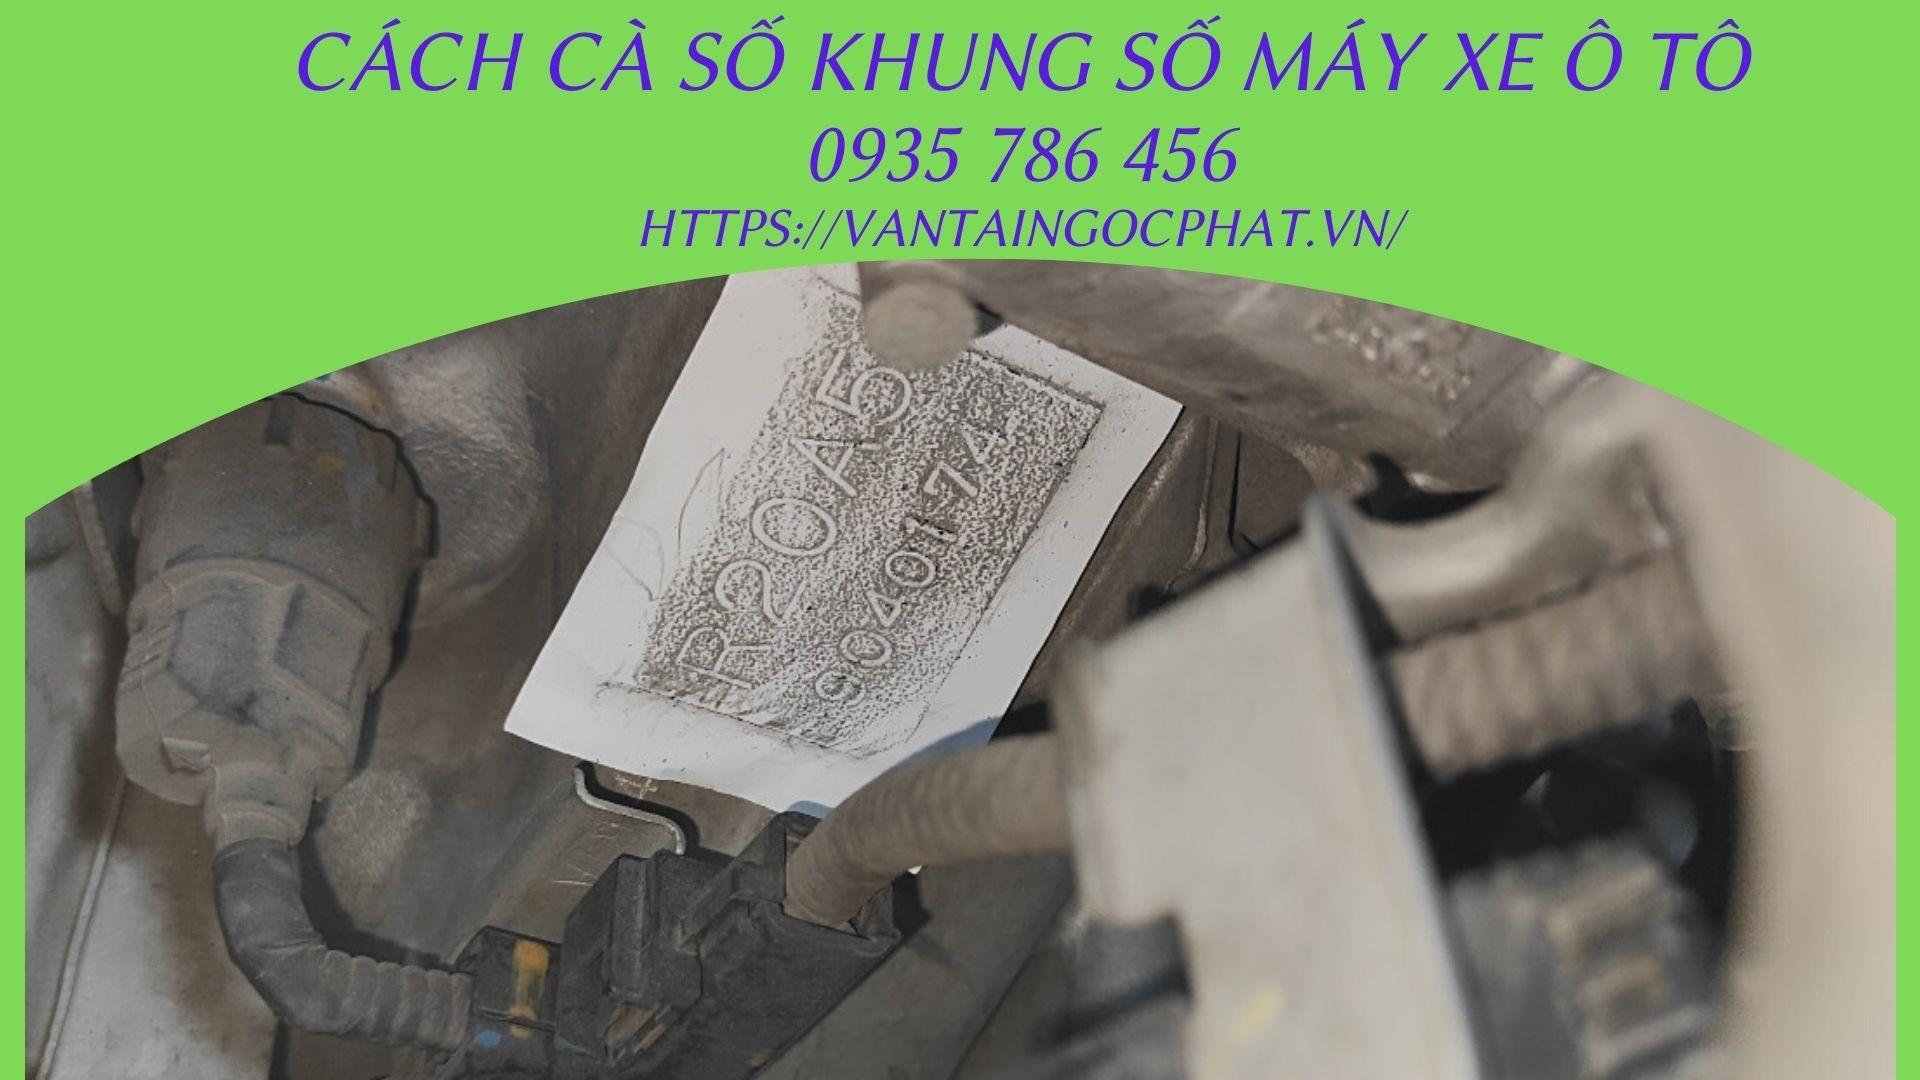 cach-ca-so-khung-so-may-xe-o-to2